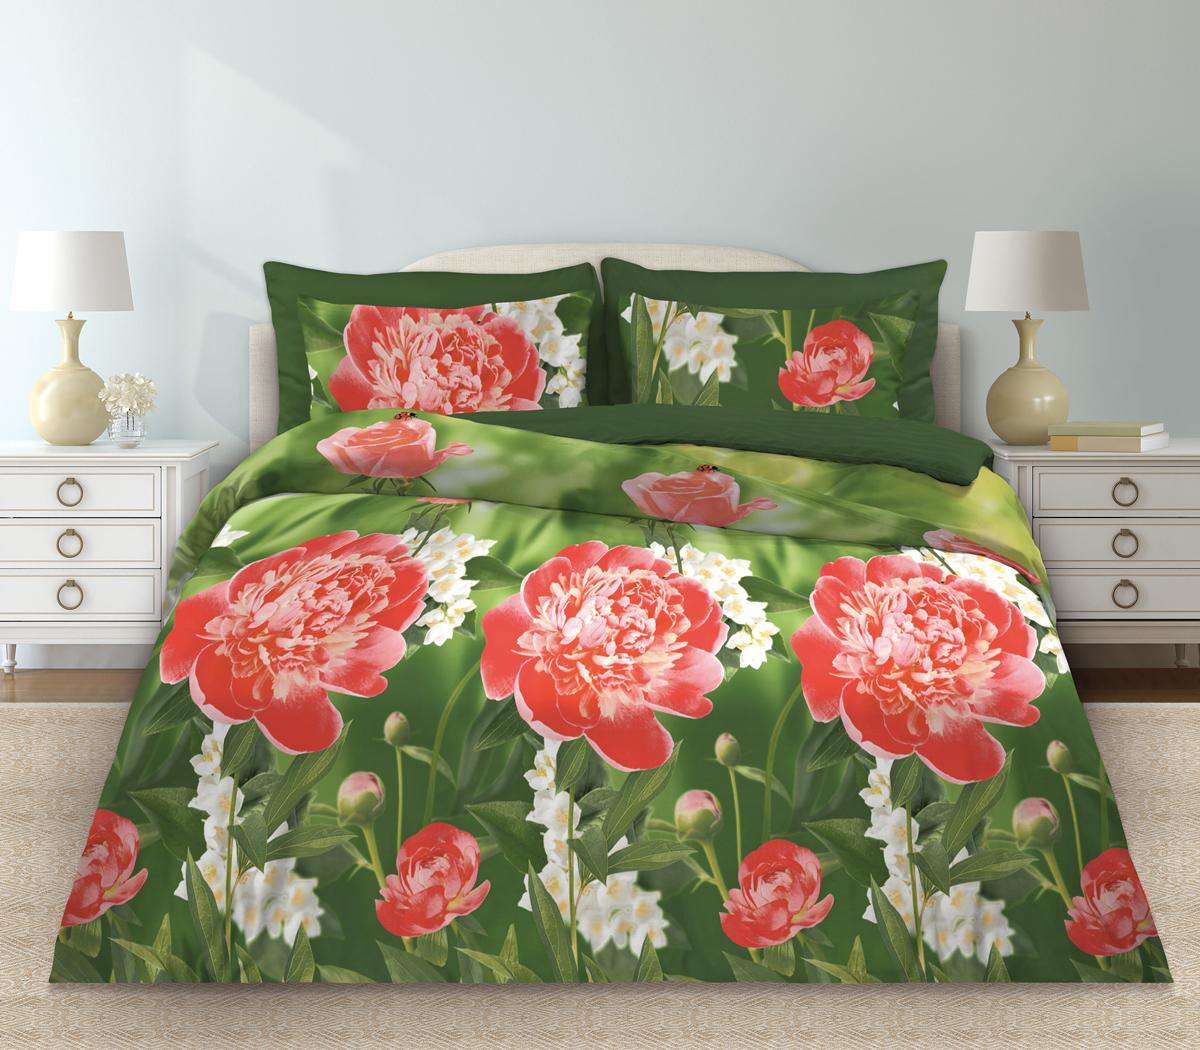 Комплект белья Любимый дом Пионы, 2-х спальное, наволочки 70 х 70, цвет: розовый. 331120331120Комплект постельного белья коллекции «Любимый дом» - выполнен из высококачественной ткани из 100% хлопка. Такое белье абсолютно натуральное, гипоаллергенное, соответствует строжайшим экологическим нормам безопасности, комфортное, дышащее, не нарушает естественные процессы терморегуляции, прочное, не линяет, не деформируется и не теряет своих красок даже после многочисленных стирок, а также отличается хорошей износостойкостью.